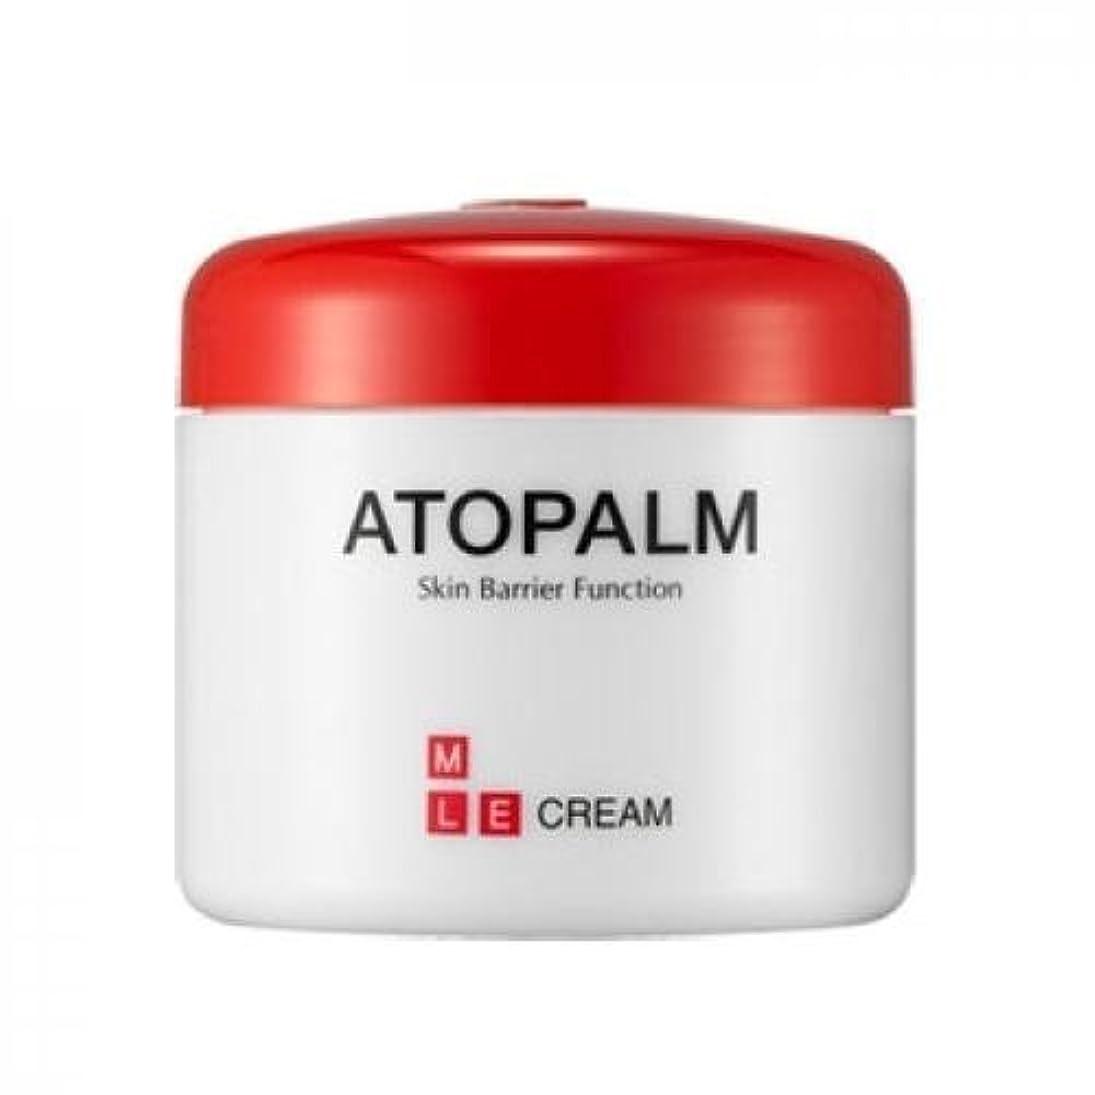 酒集団ガードATOPALM MLE Cream (160ml) (Korean original)